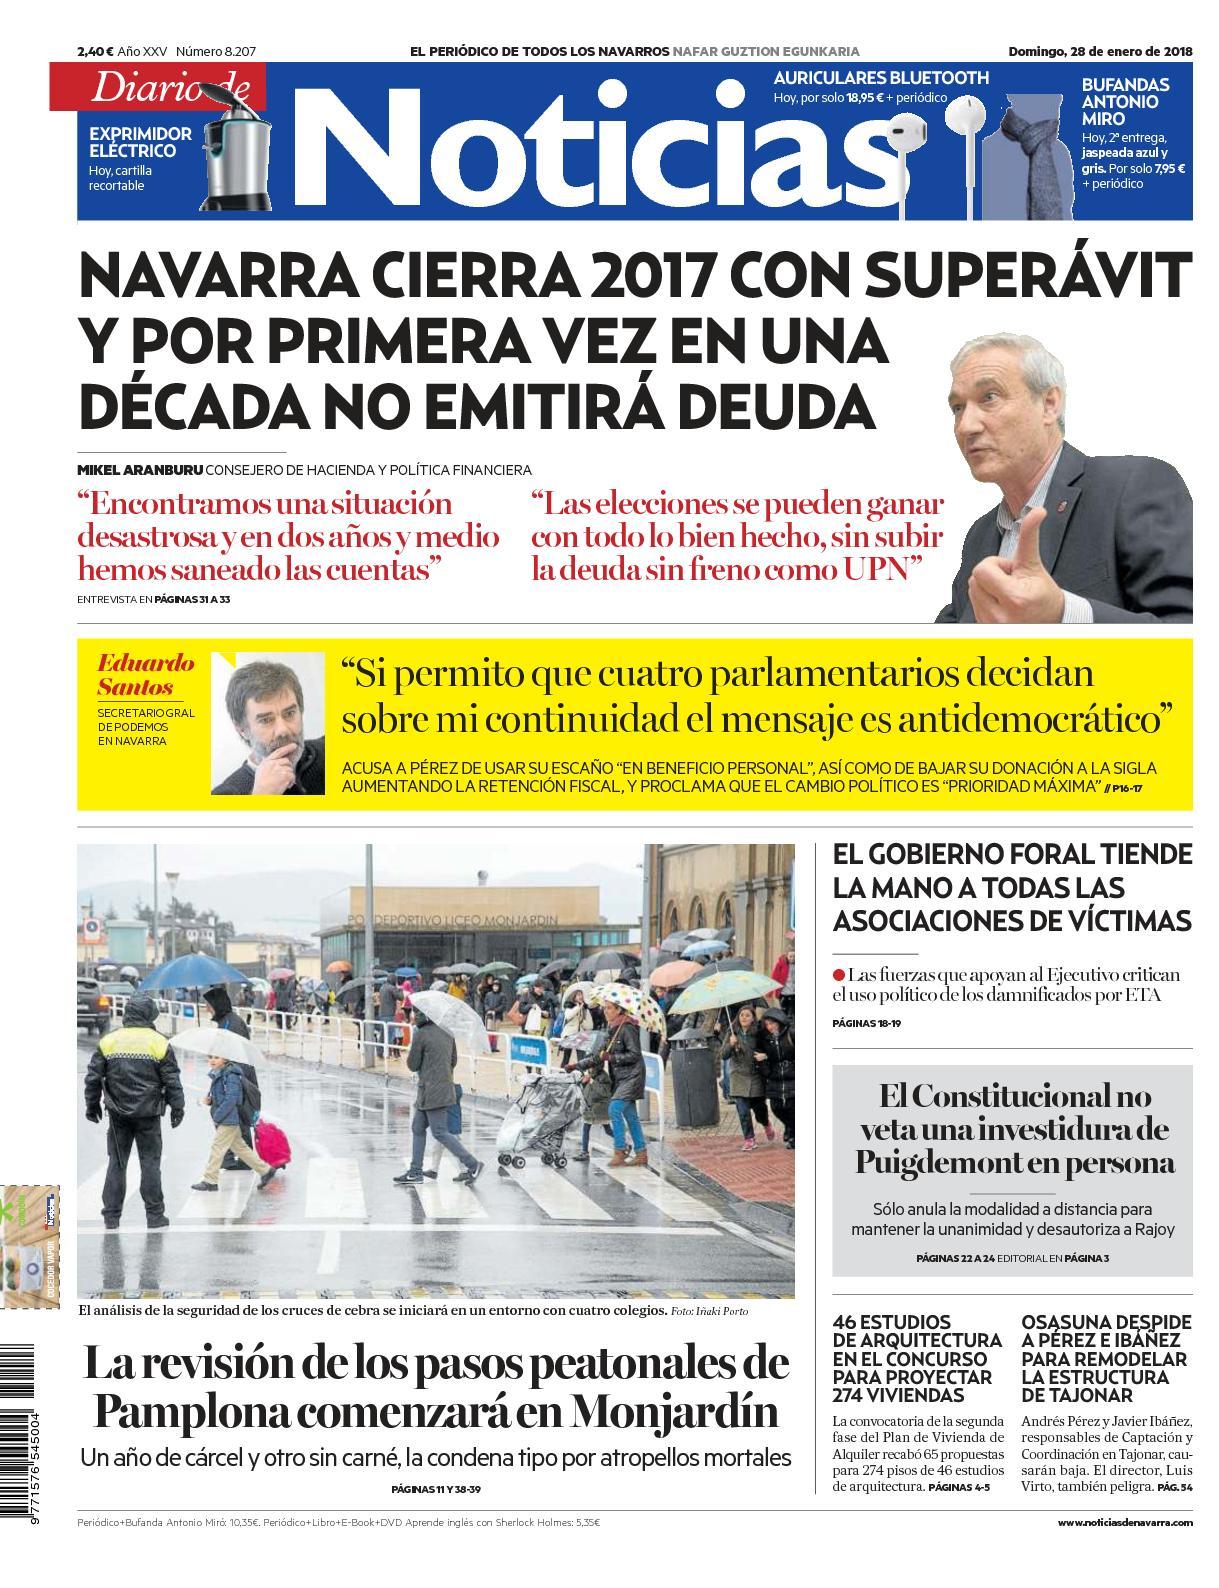 Nuria Y Jota D Porno calaméo - diario de noticias 20180128